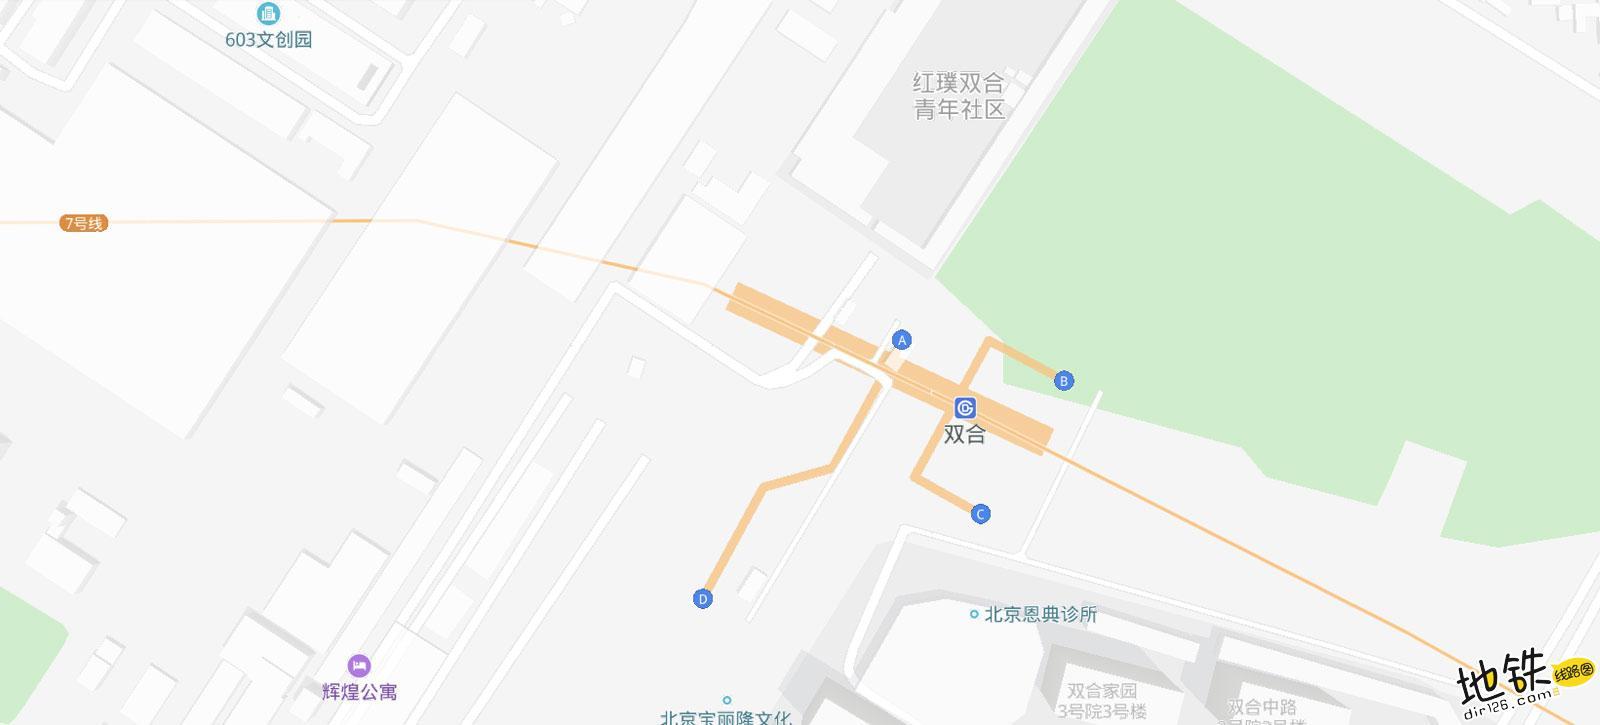 双合地铁站 北京地铁双合站出入口 地图信息查询  北京地铁站  第2张